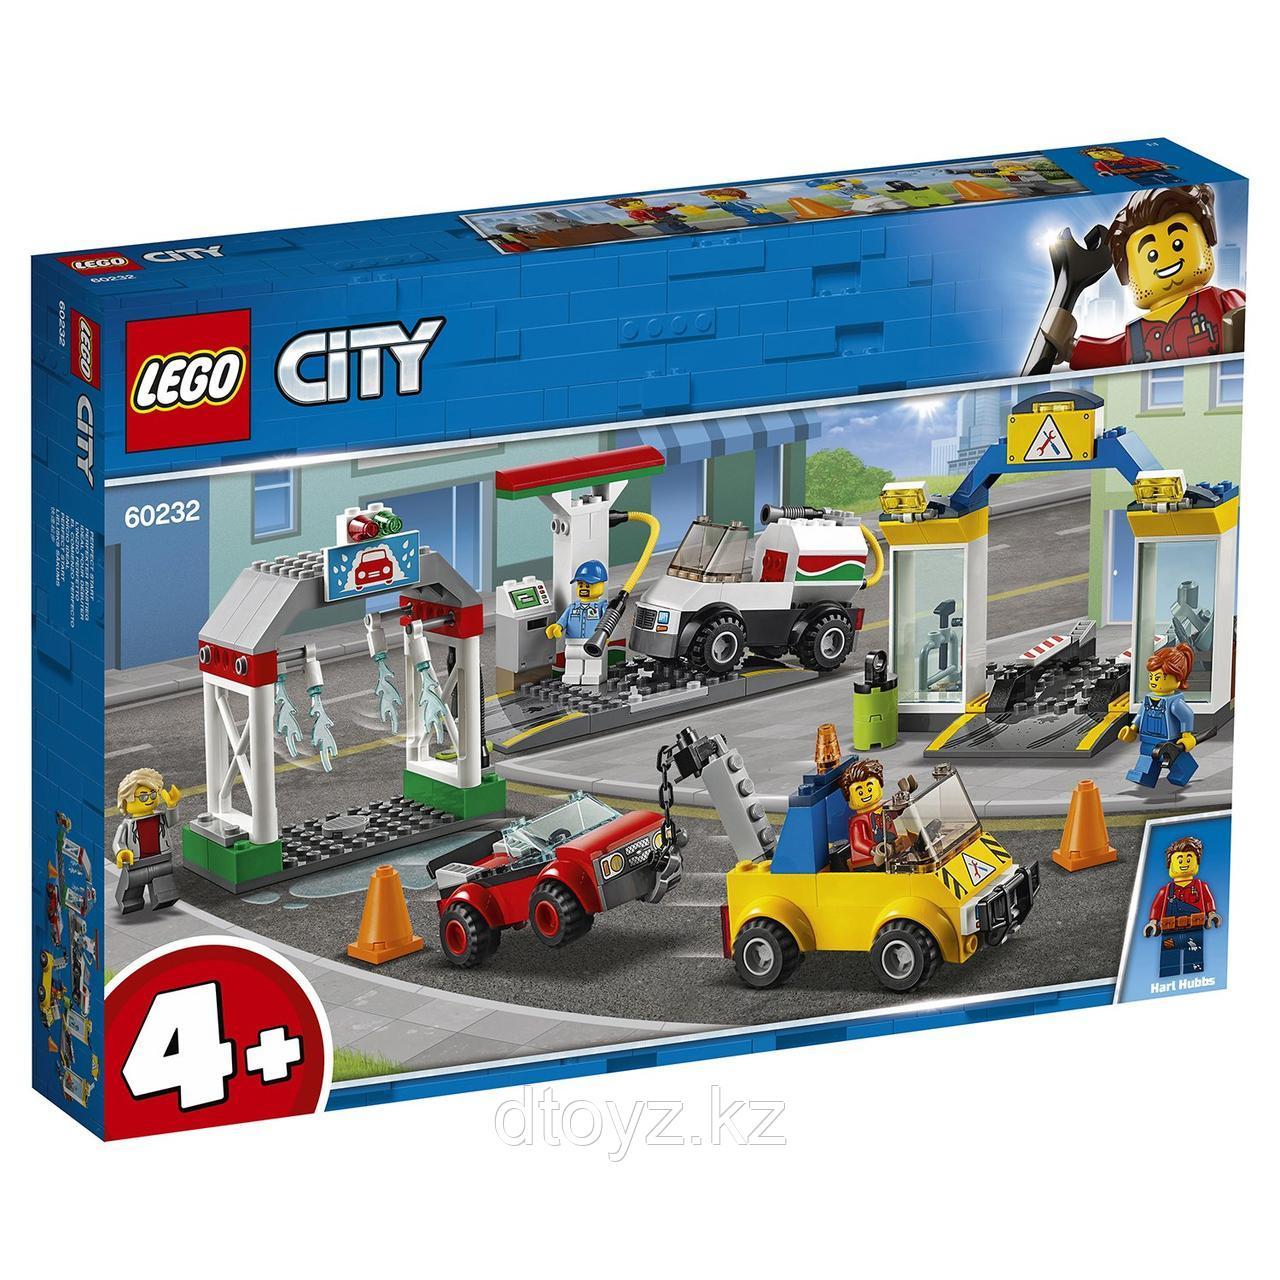 Lego City 60232 Автостоянка, Лего Город Сити